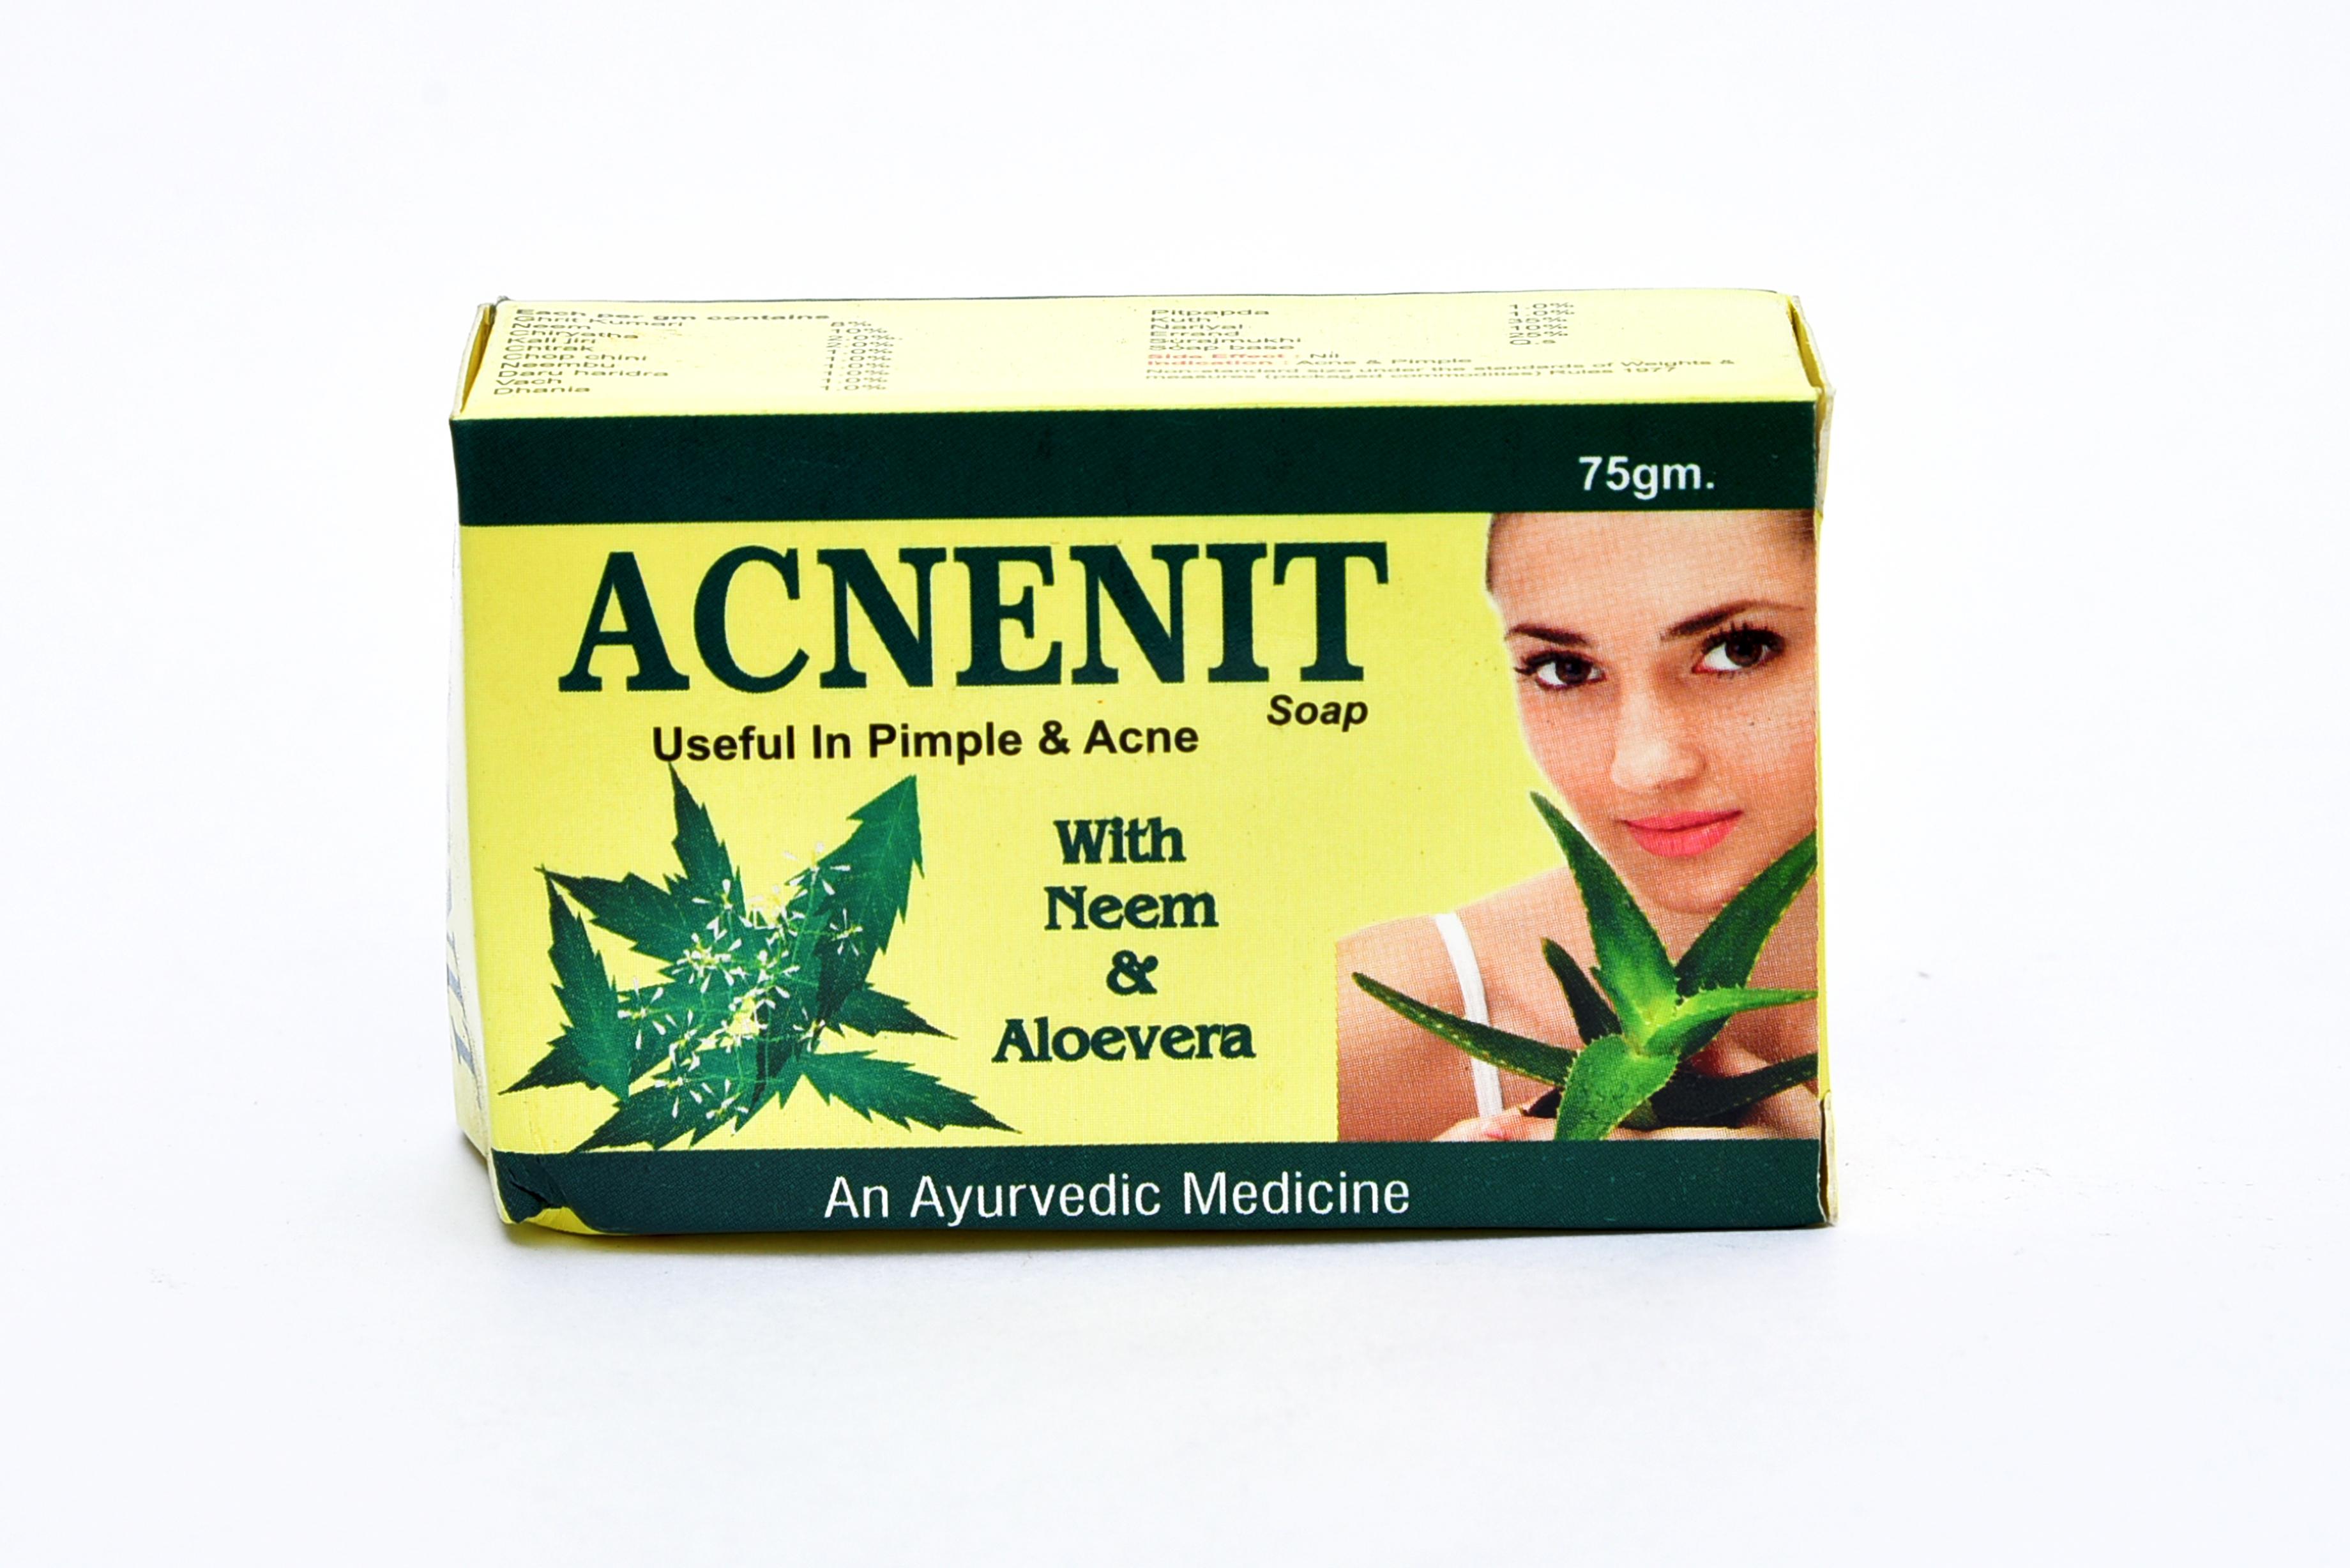 ACNENIT SOAP